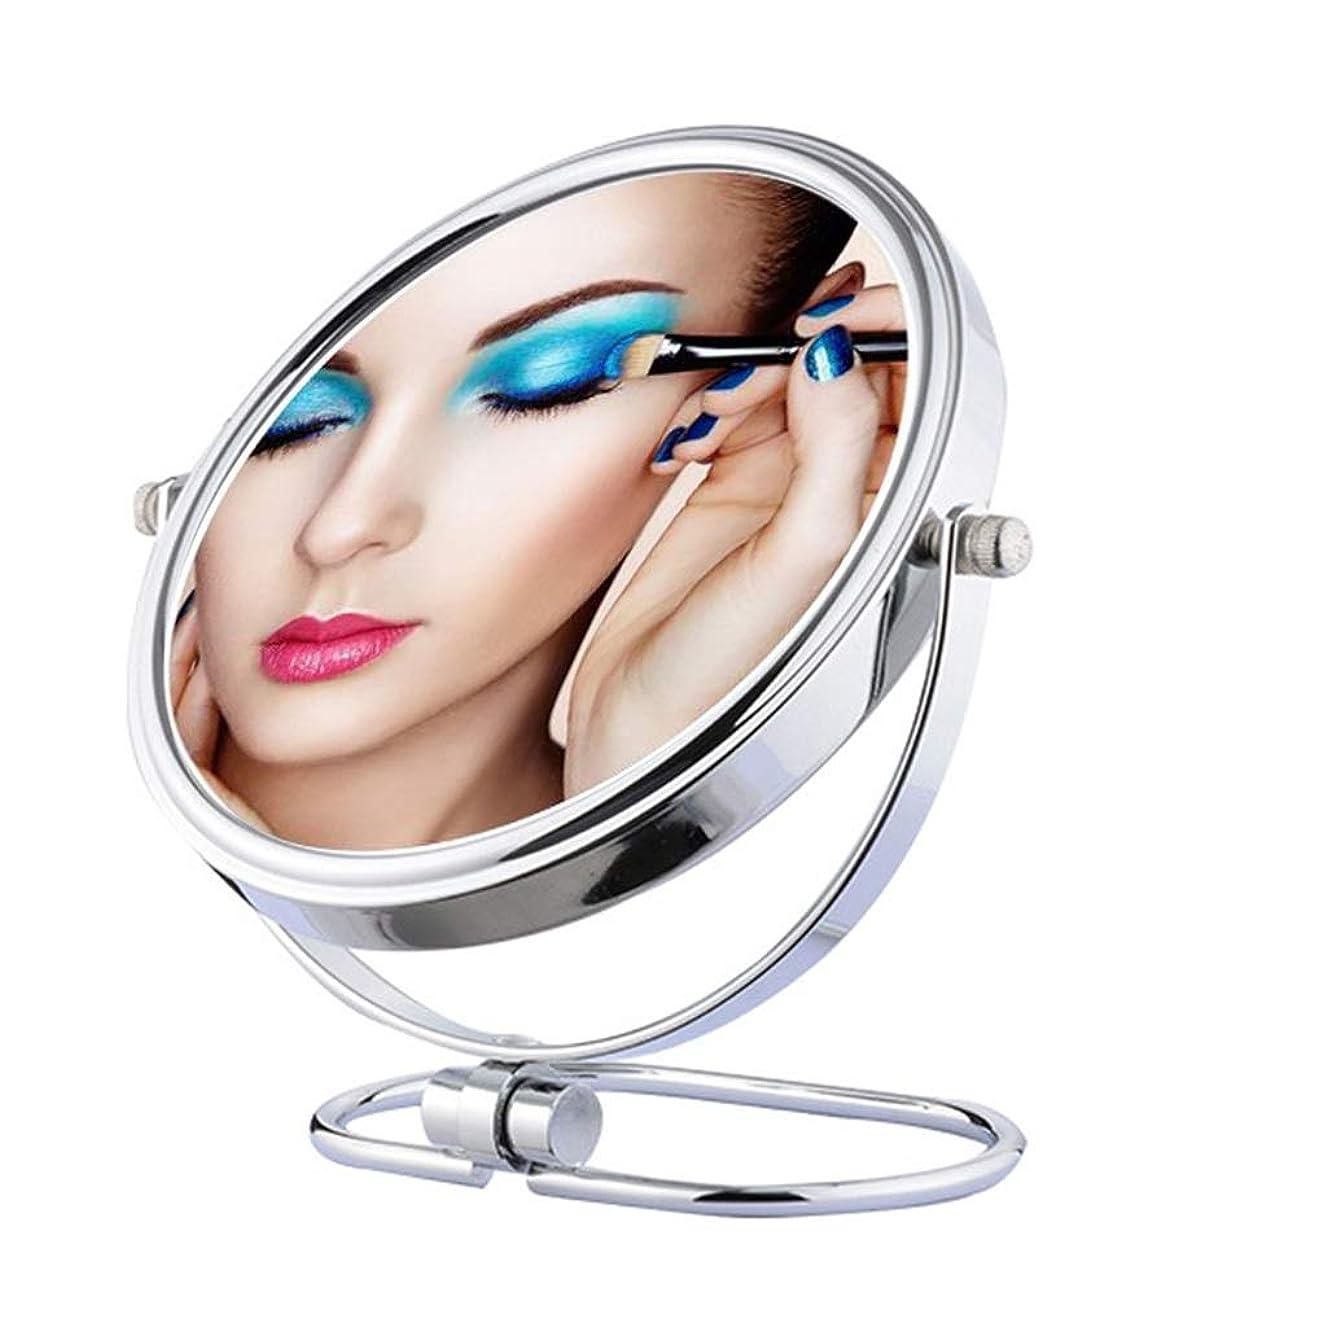 修士号忠実なオリエント照明付き化粧鏡 吸引ミラーが付いている化粧鏡3Xの拡大の化粧鏡、手持ち型のミラー拡大の360度の旋回旅行ミラー 化粧鏡 (Edition : 8-inch mirror (plane+3X zoom))